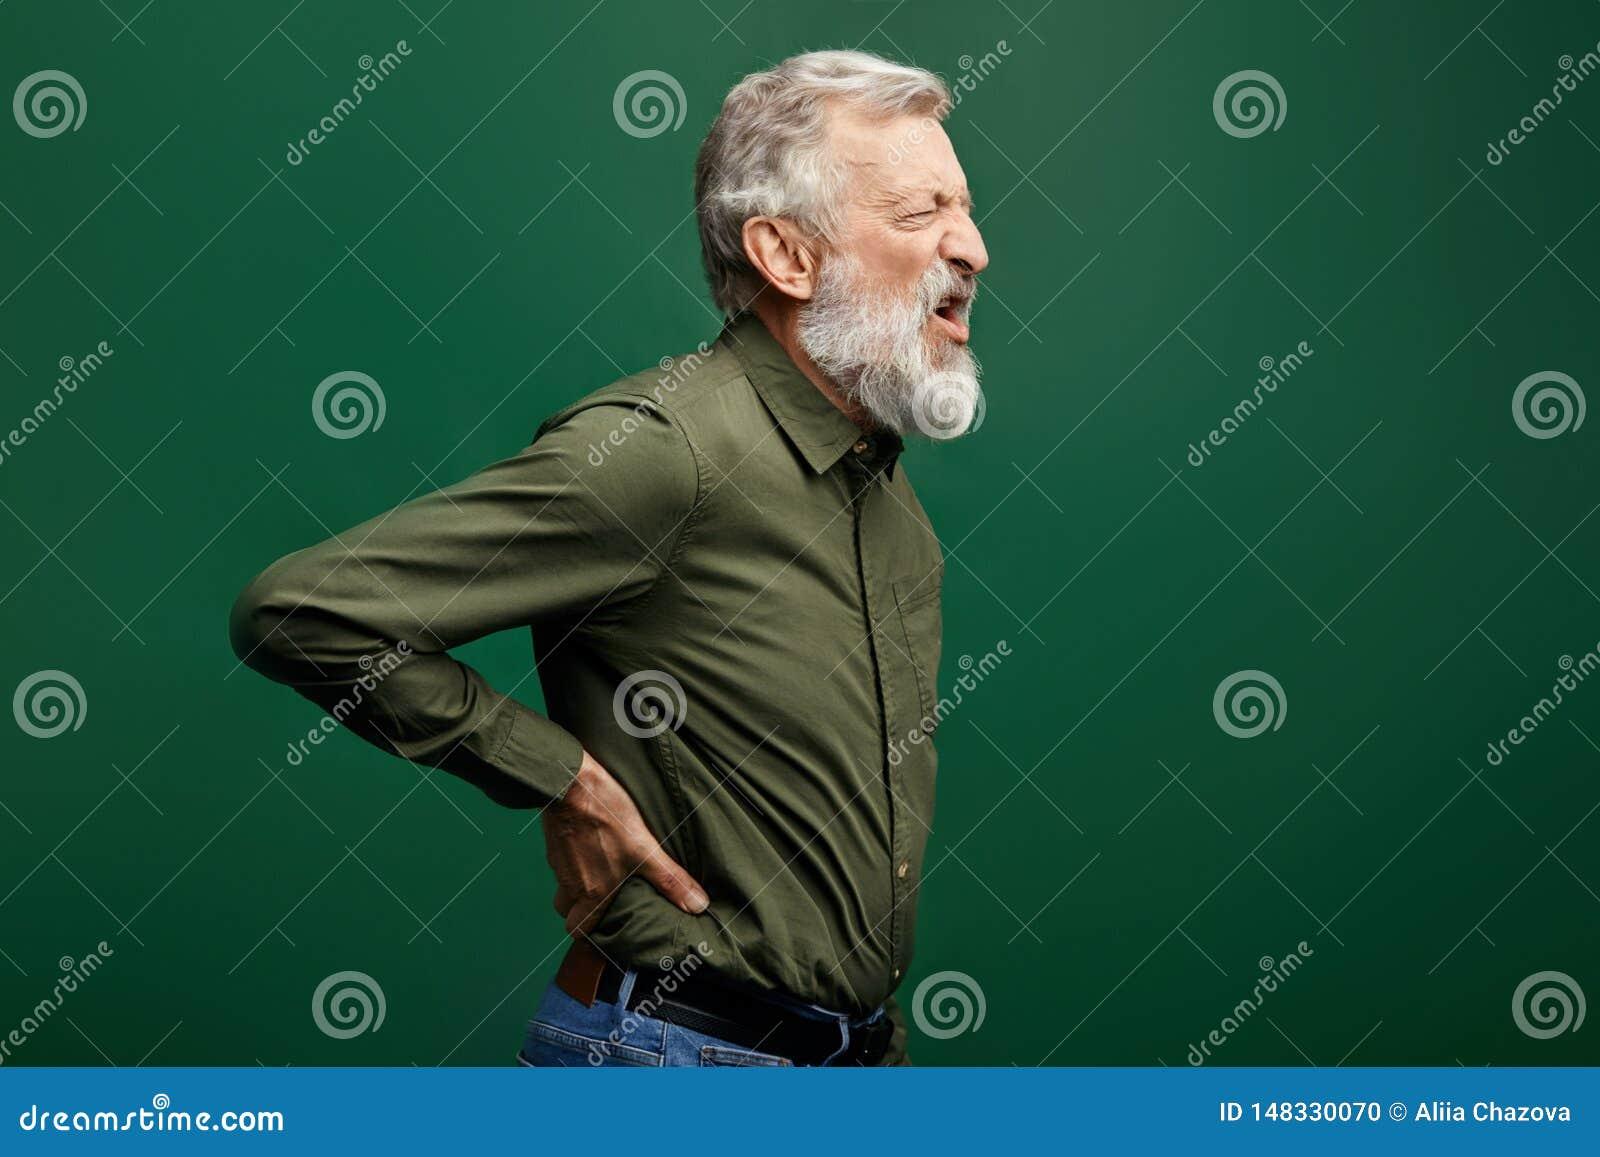 0 φωνάζοντας ηληκιωμένος που πάσχει από τον πόνο στην πλάτη που απομονώνεται στο πράσινο υπόβαθρο